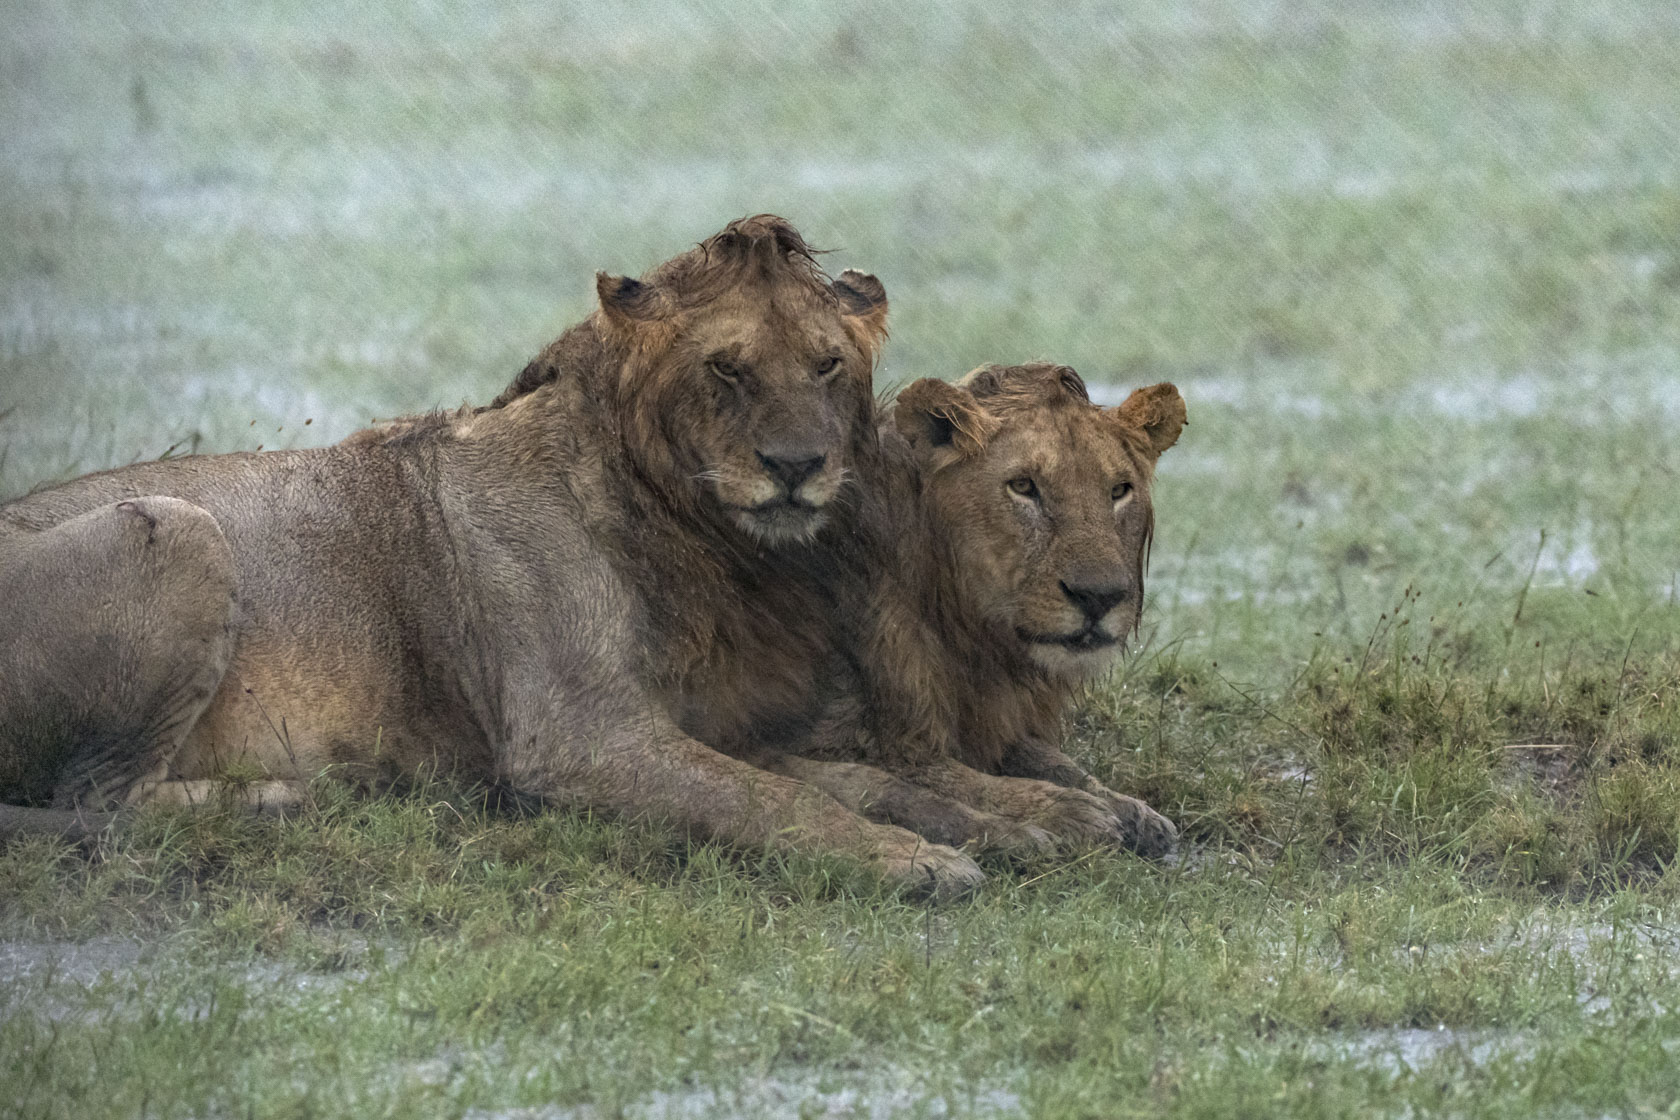 Das Bad hatte zumindest den Vorteil, dass die Löwen nun Fliegen- und Zeckenfrei in ihren Gesichtern sind